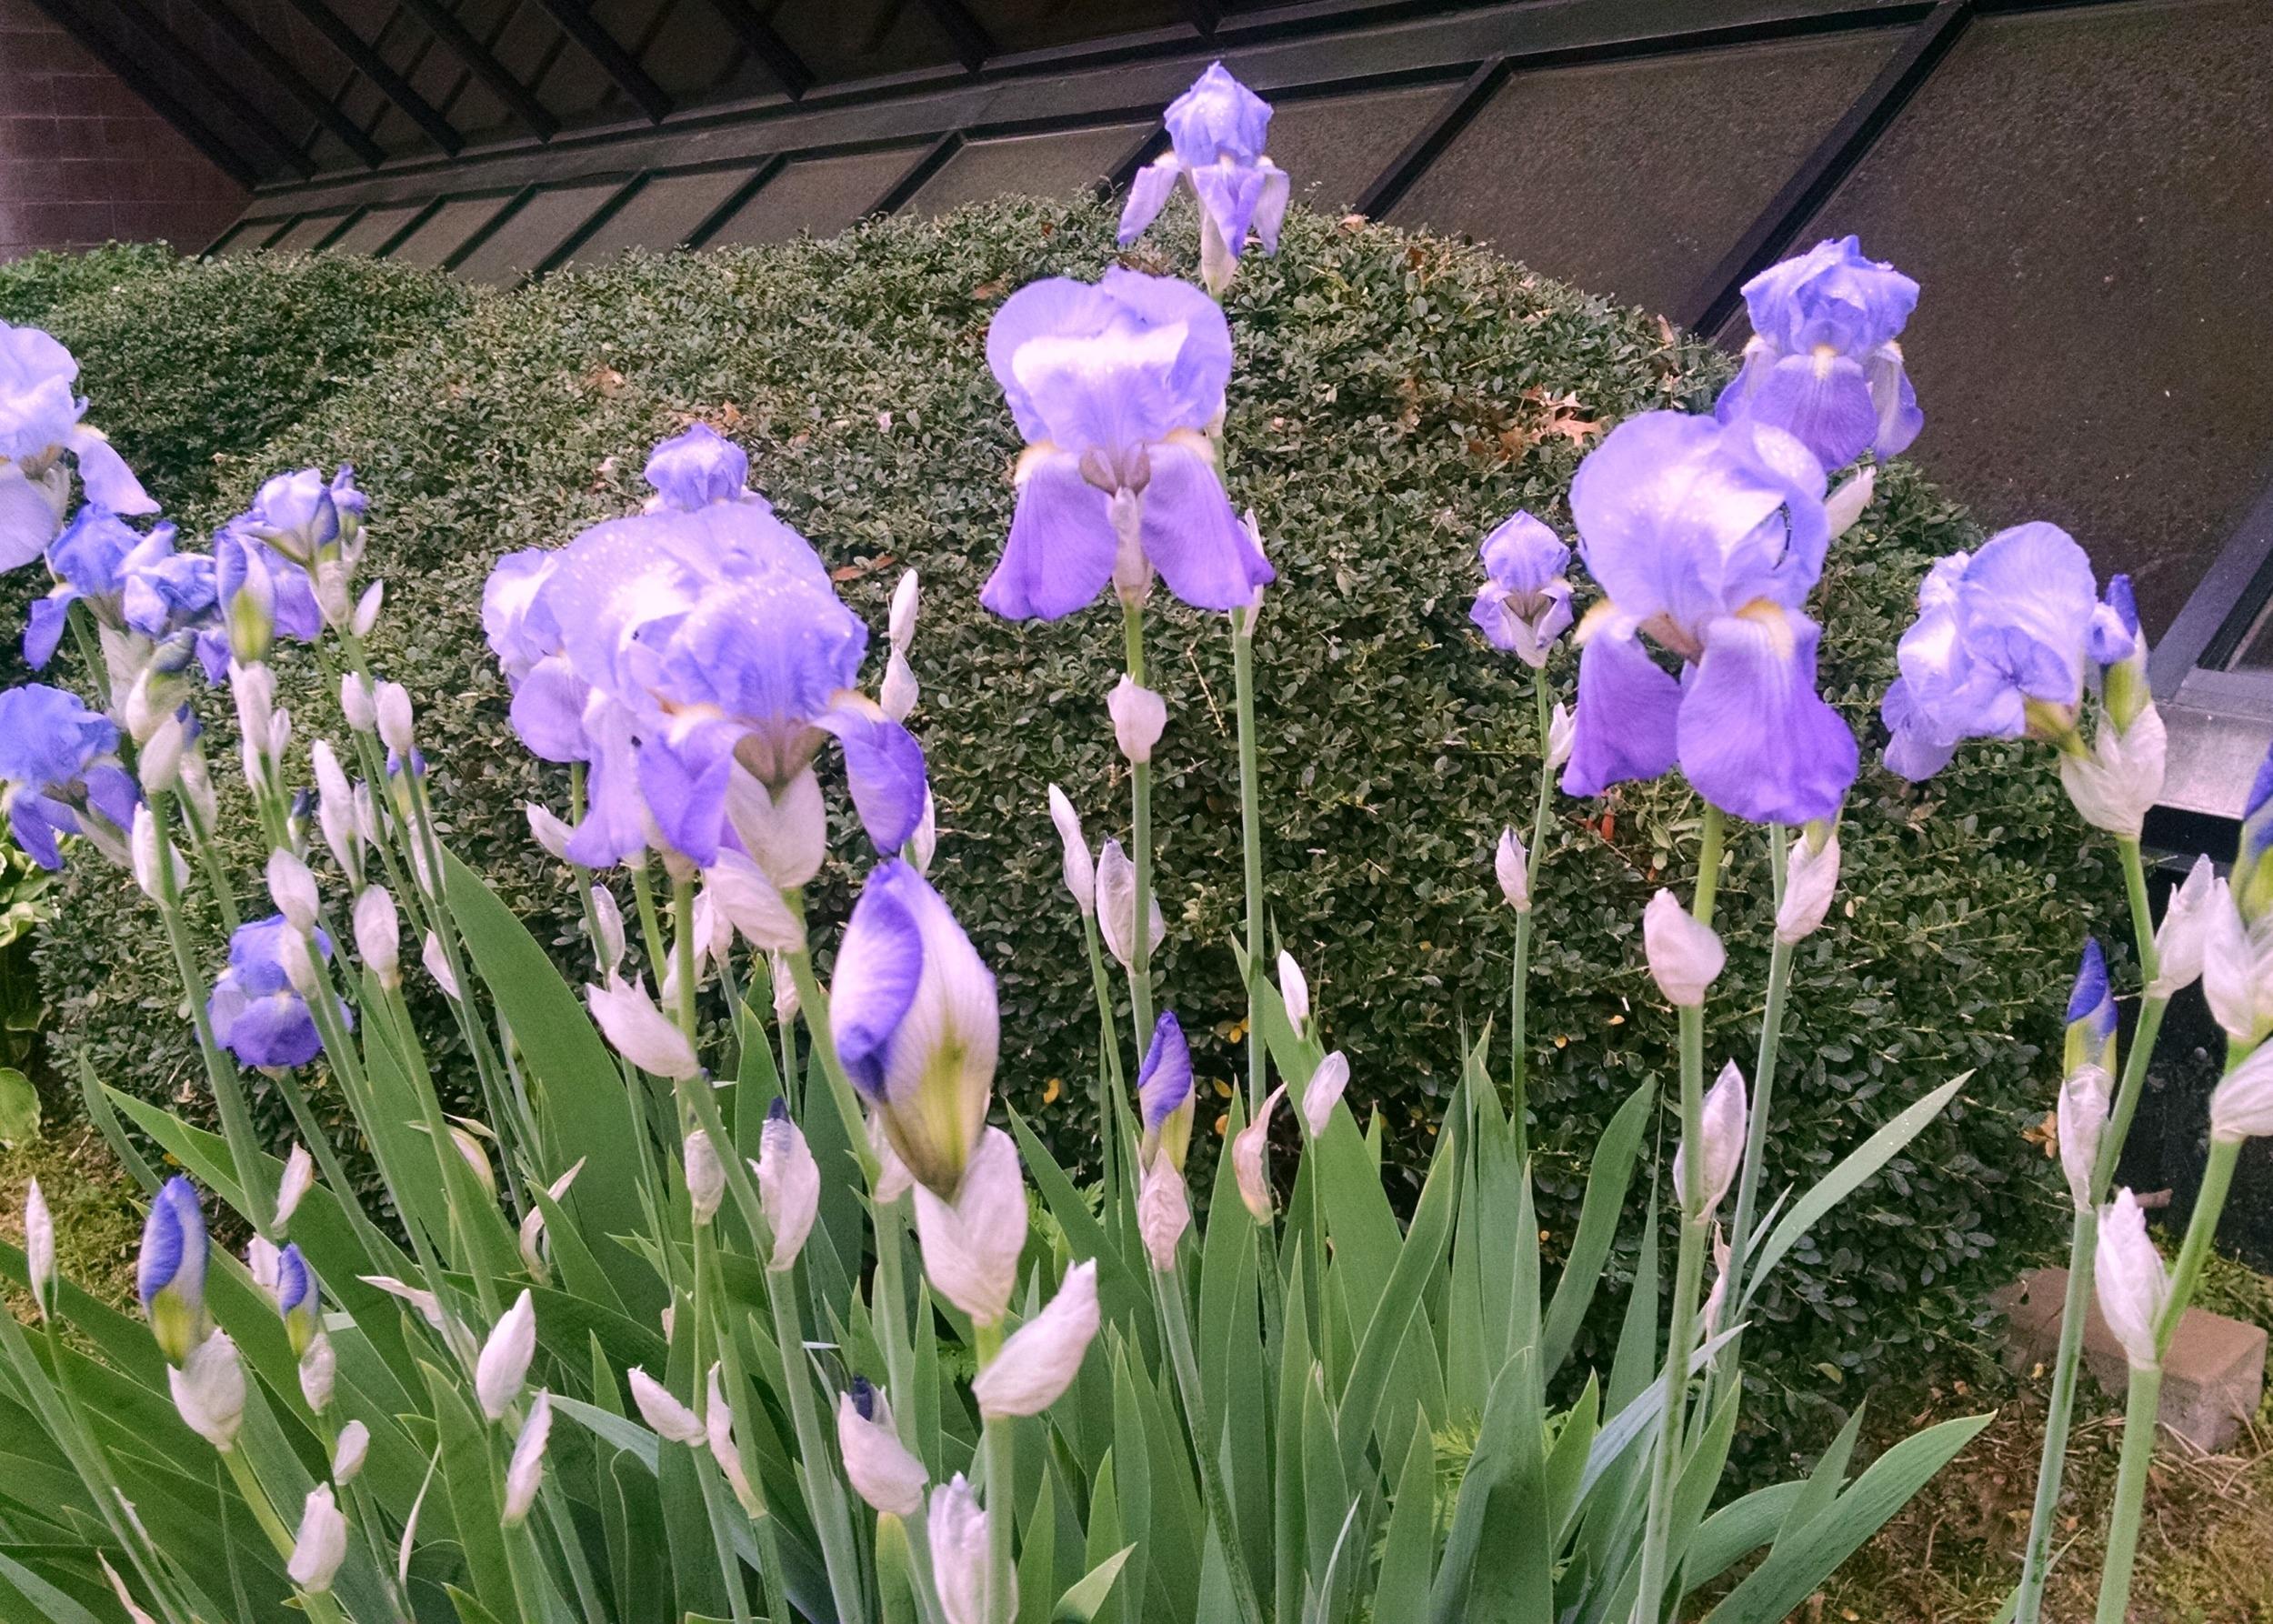 These beautiful purple irises are enjoying some much needed rain